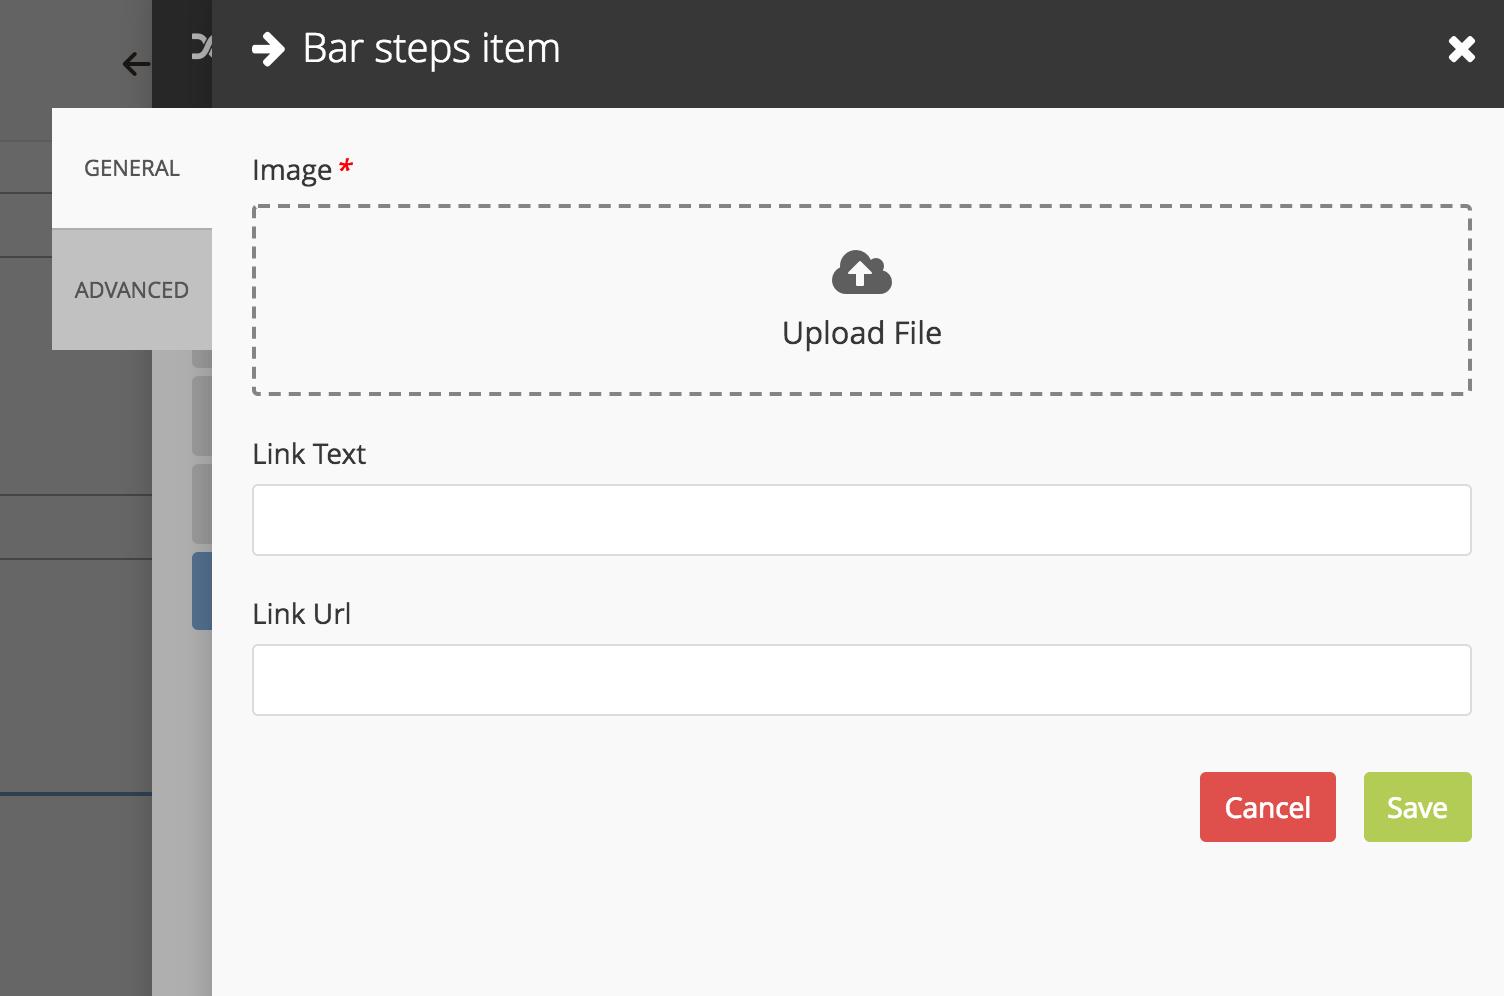 Bar Steps item